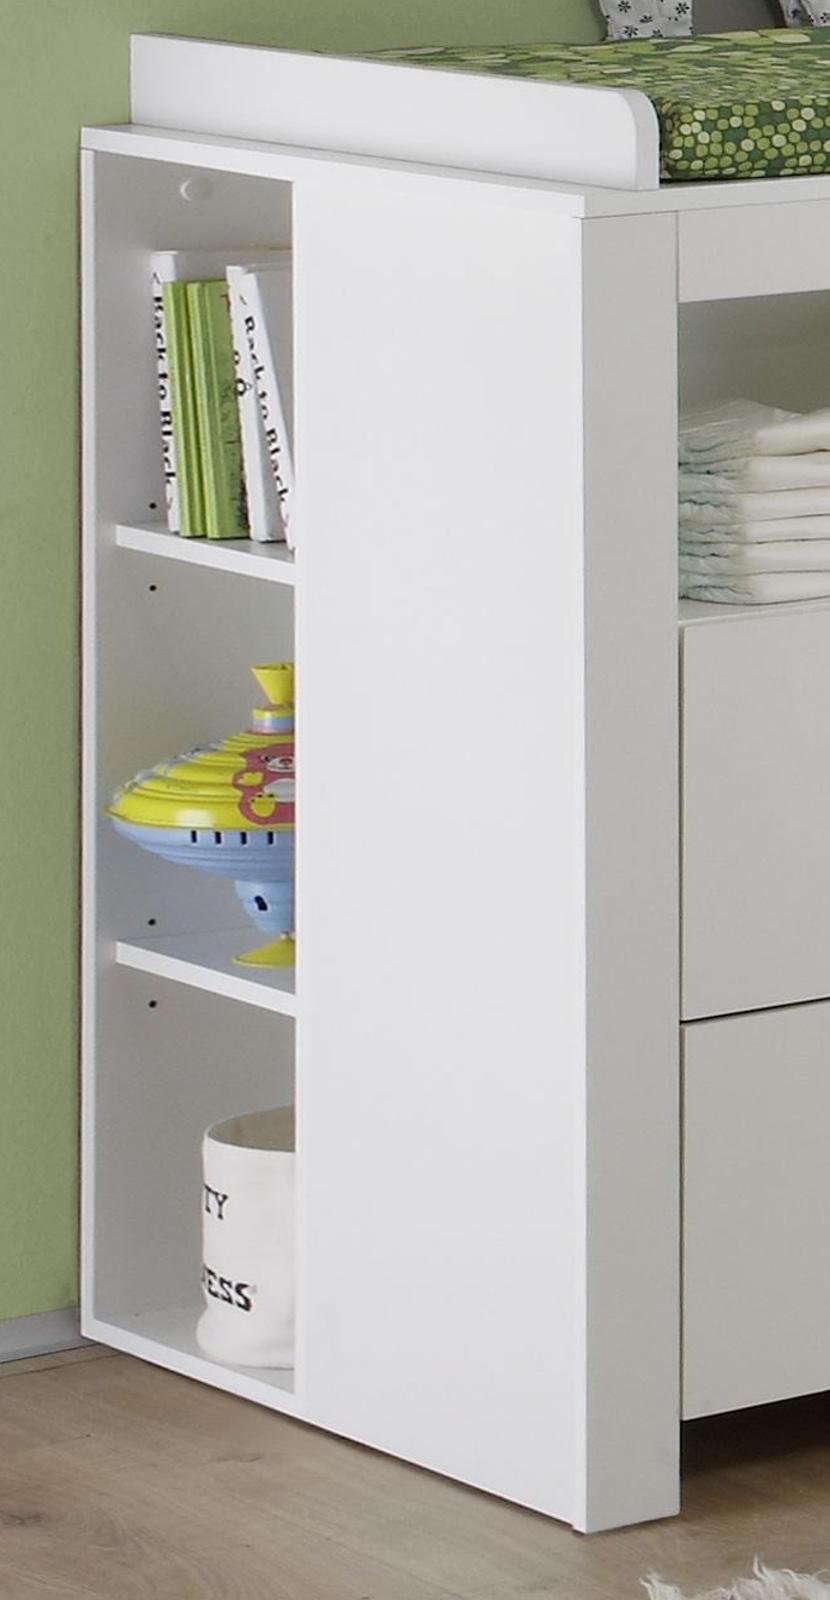 babyzimmer olivia komplett set 3 teilig wei. Black Bedroom Furniture Sets. Home Design Ideas